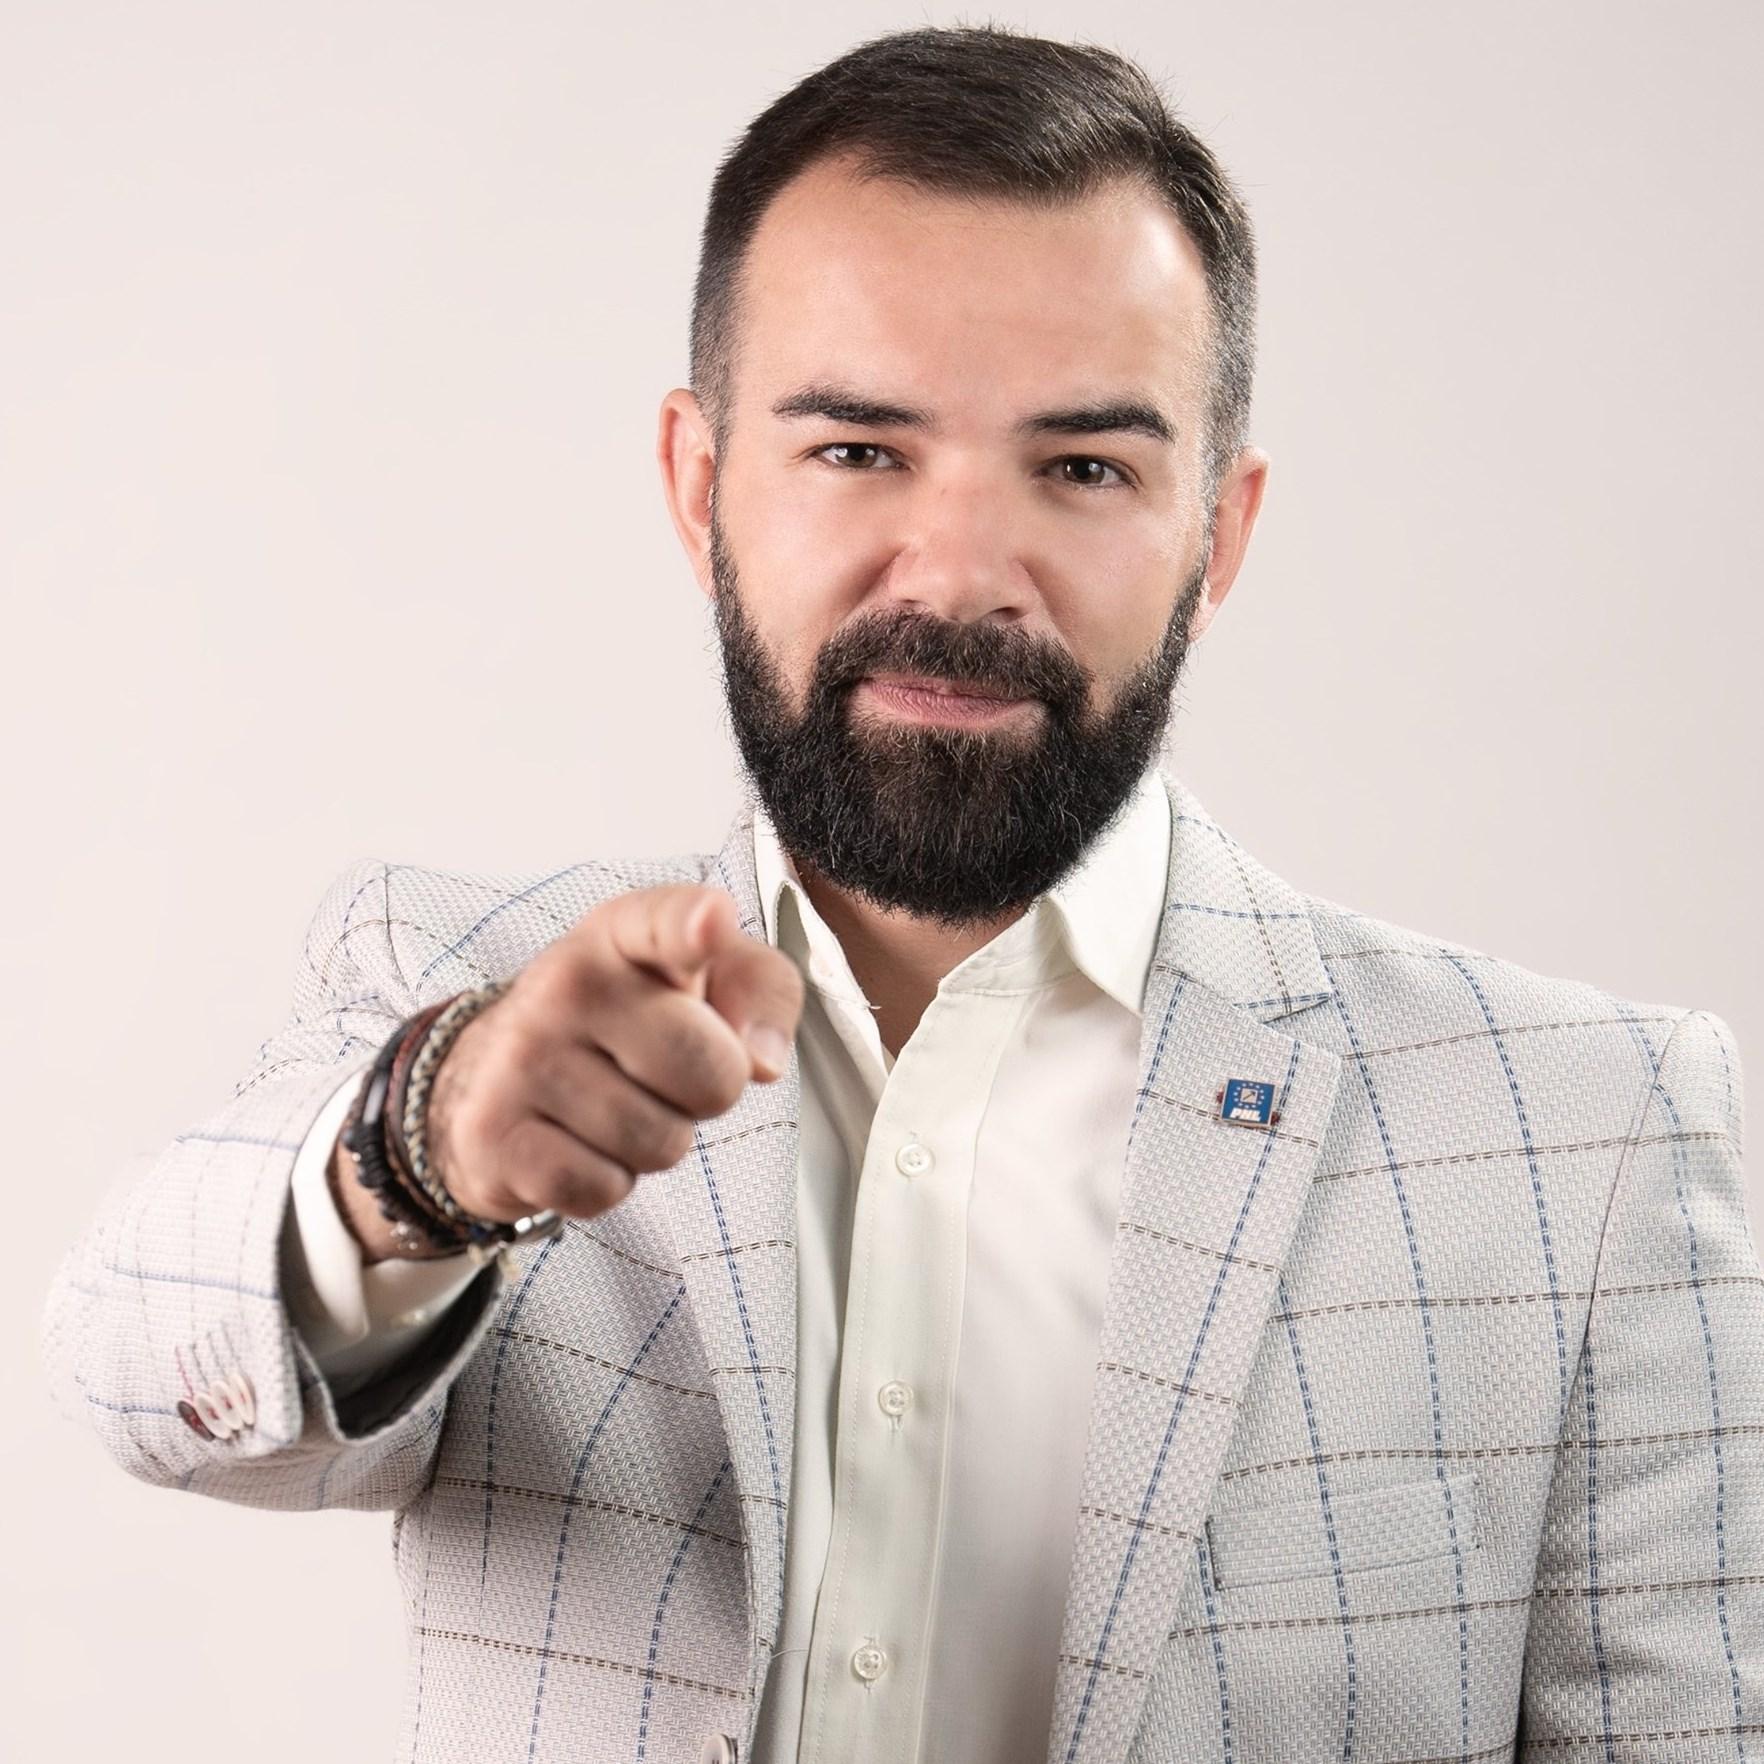 """Constantin POPA: """"Schimbarea este bună, iar eu fac parte dintre cei schimbaţi"""""""